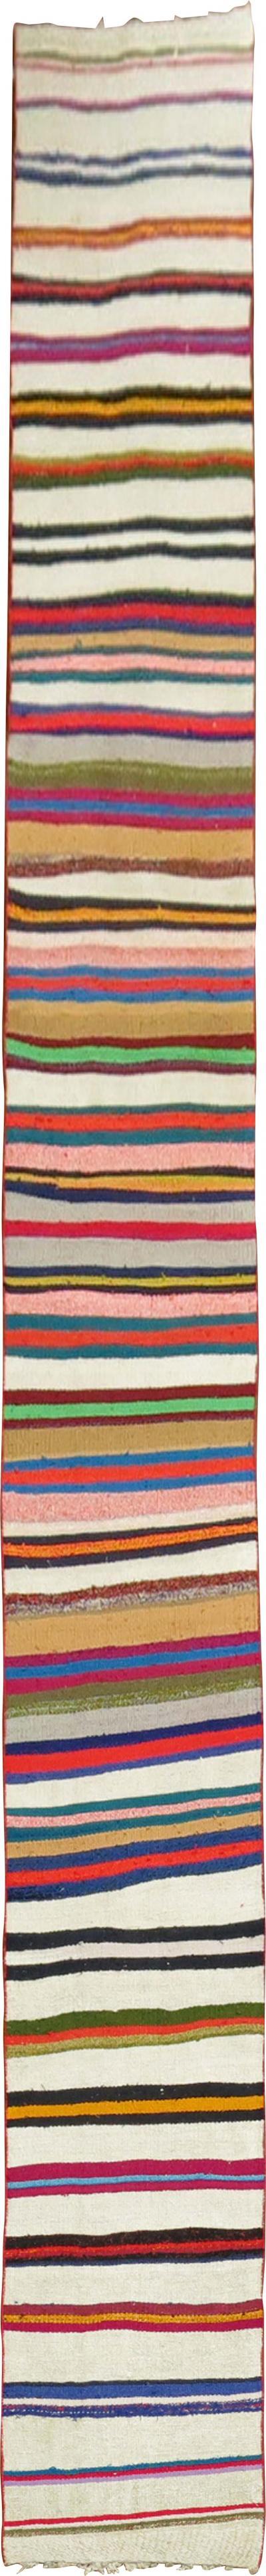 Colorful Striped Long and Narrow Kilim Runner rug no j1748